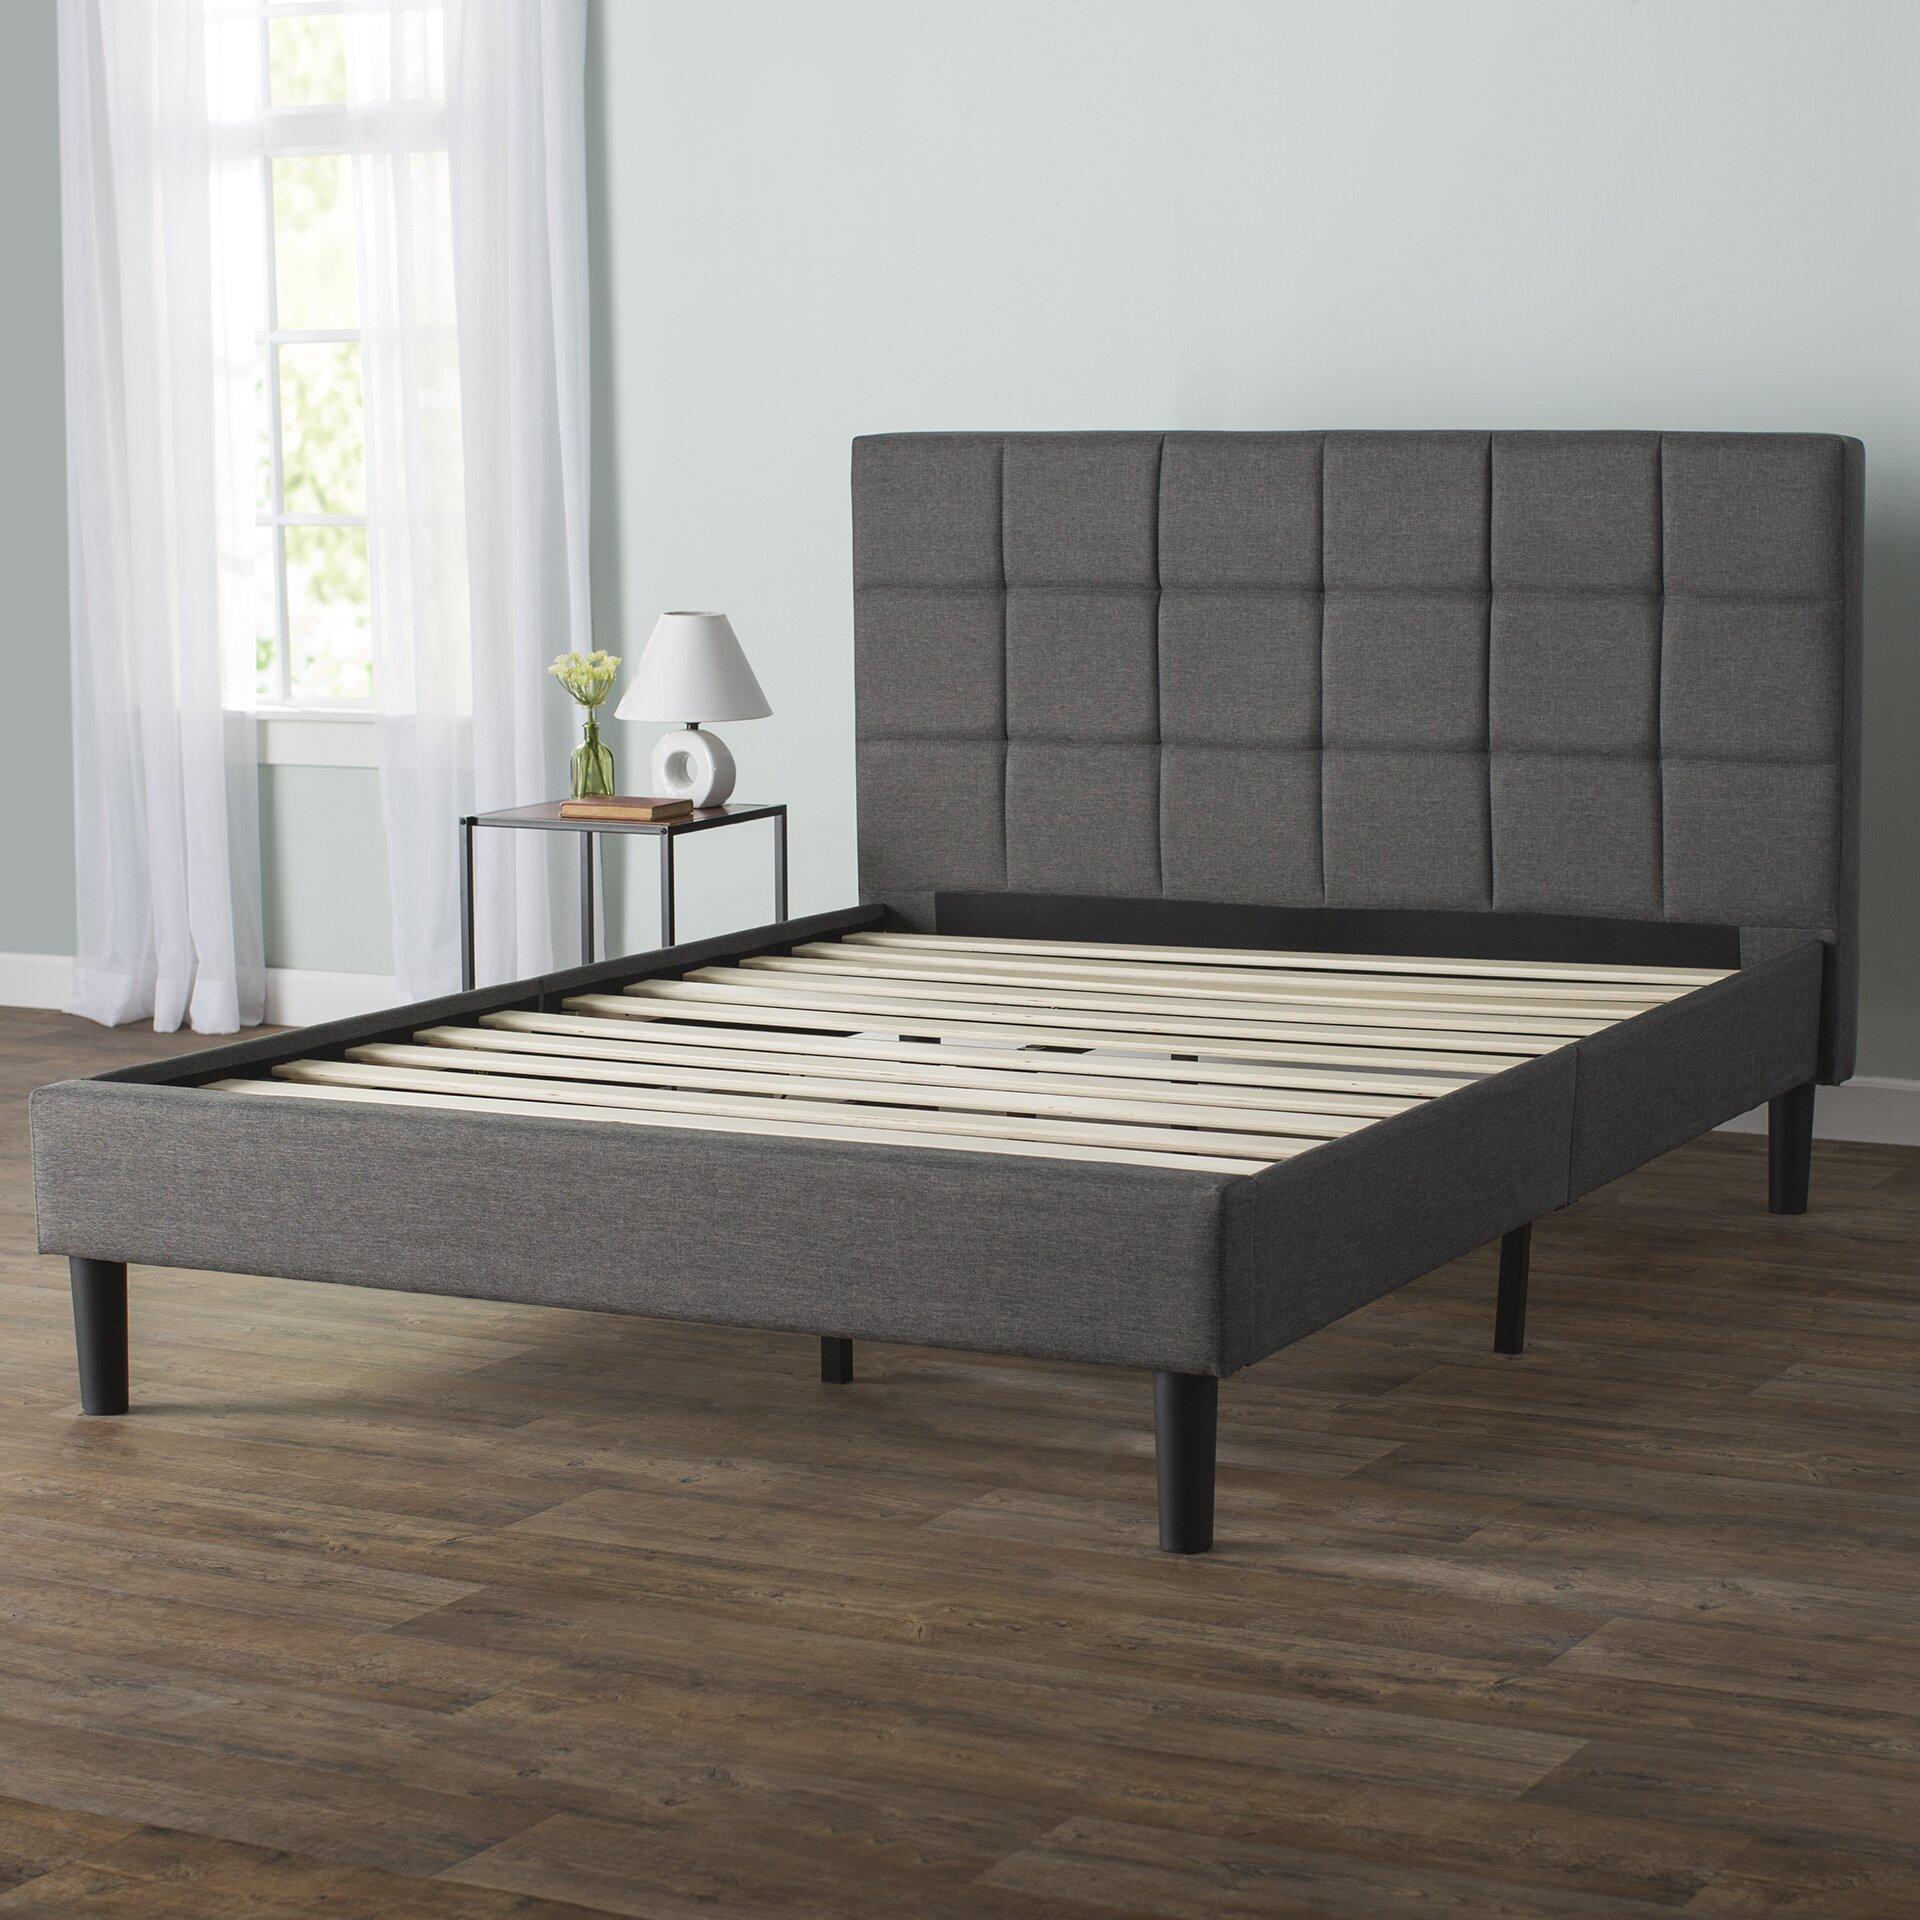 Zipcode Design Colby Upholstered Platform Bed Sku Zipc